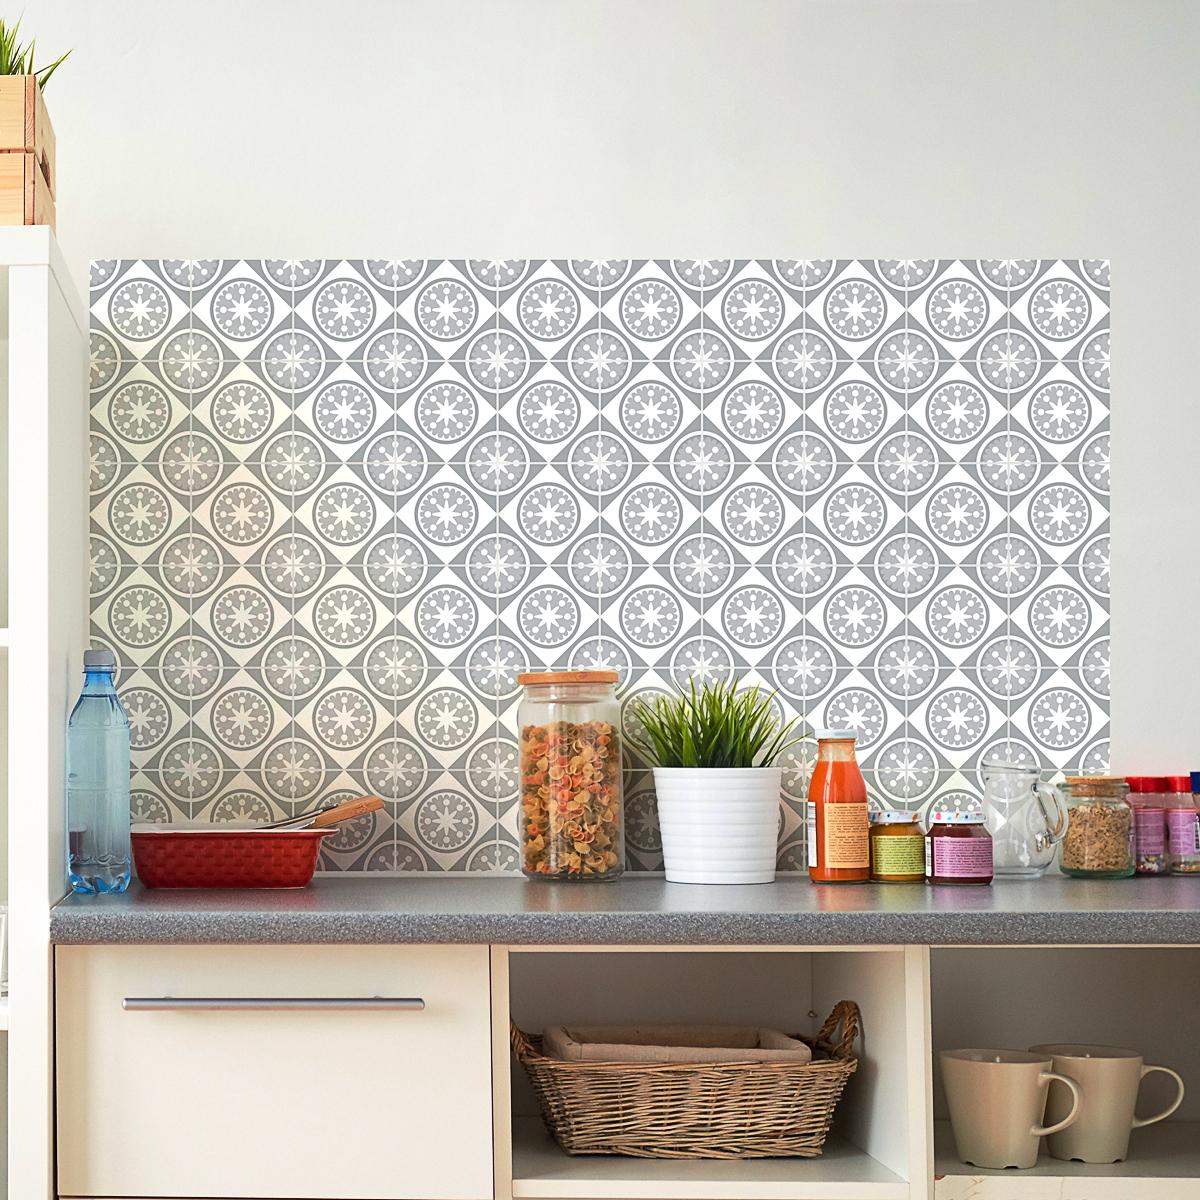 carrelage design azulejos carrelage moderne design. Black Bedroom Furniture Sets. Home Design Ideas